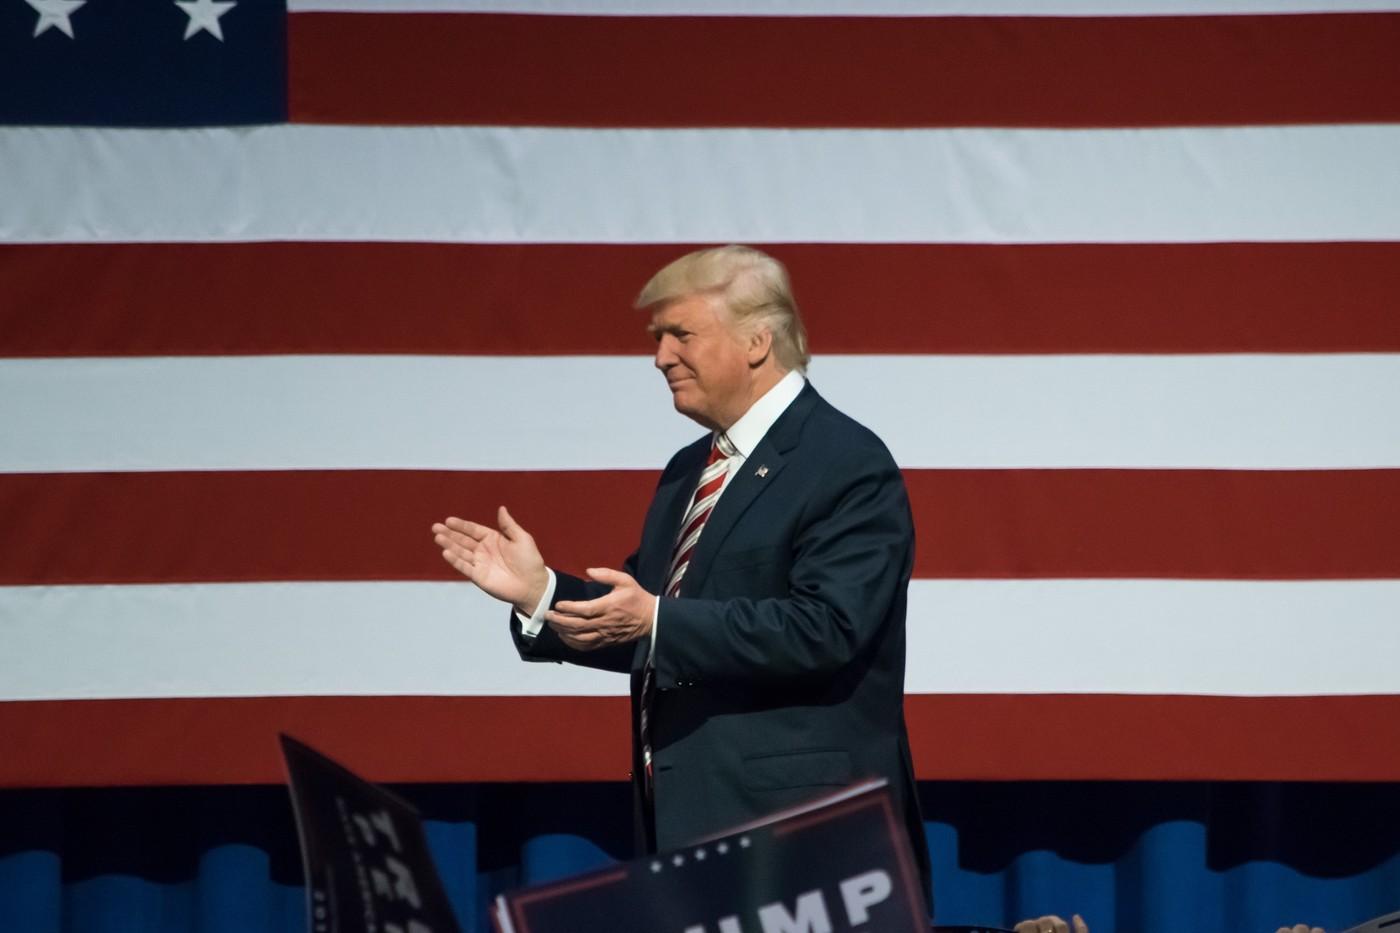 川普下令暫停簽發H-1B等工作簽證,32萬移民、家眷入境受阻